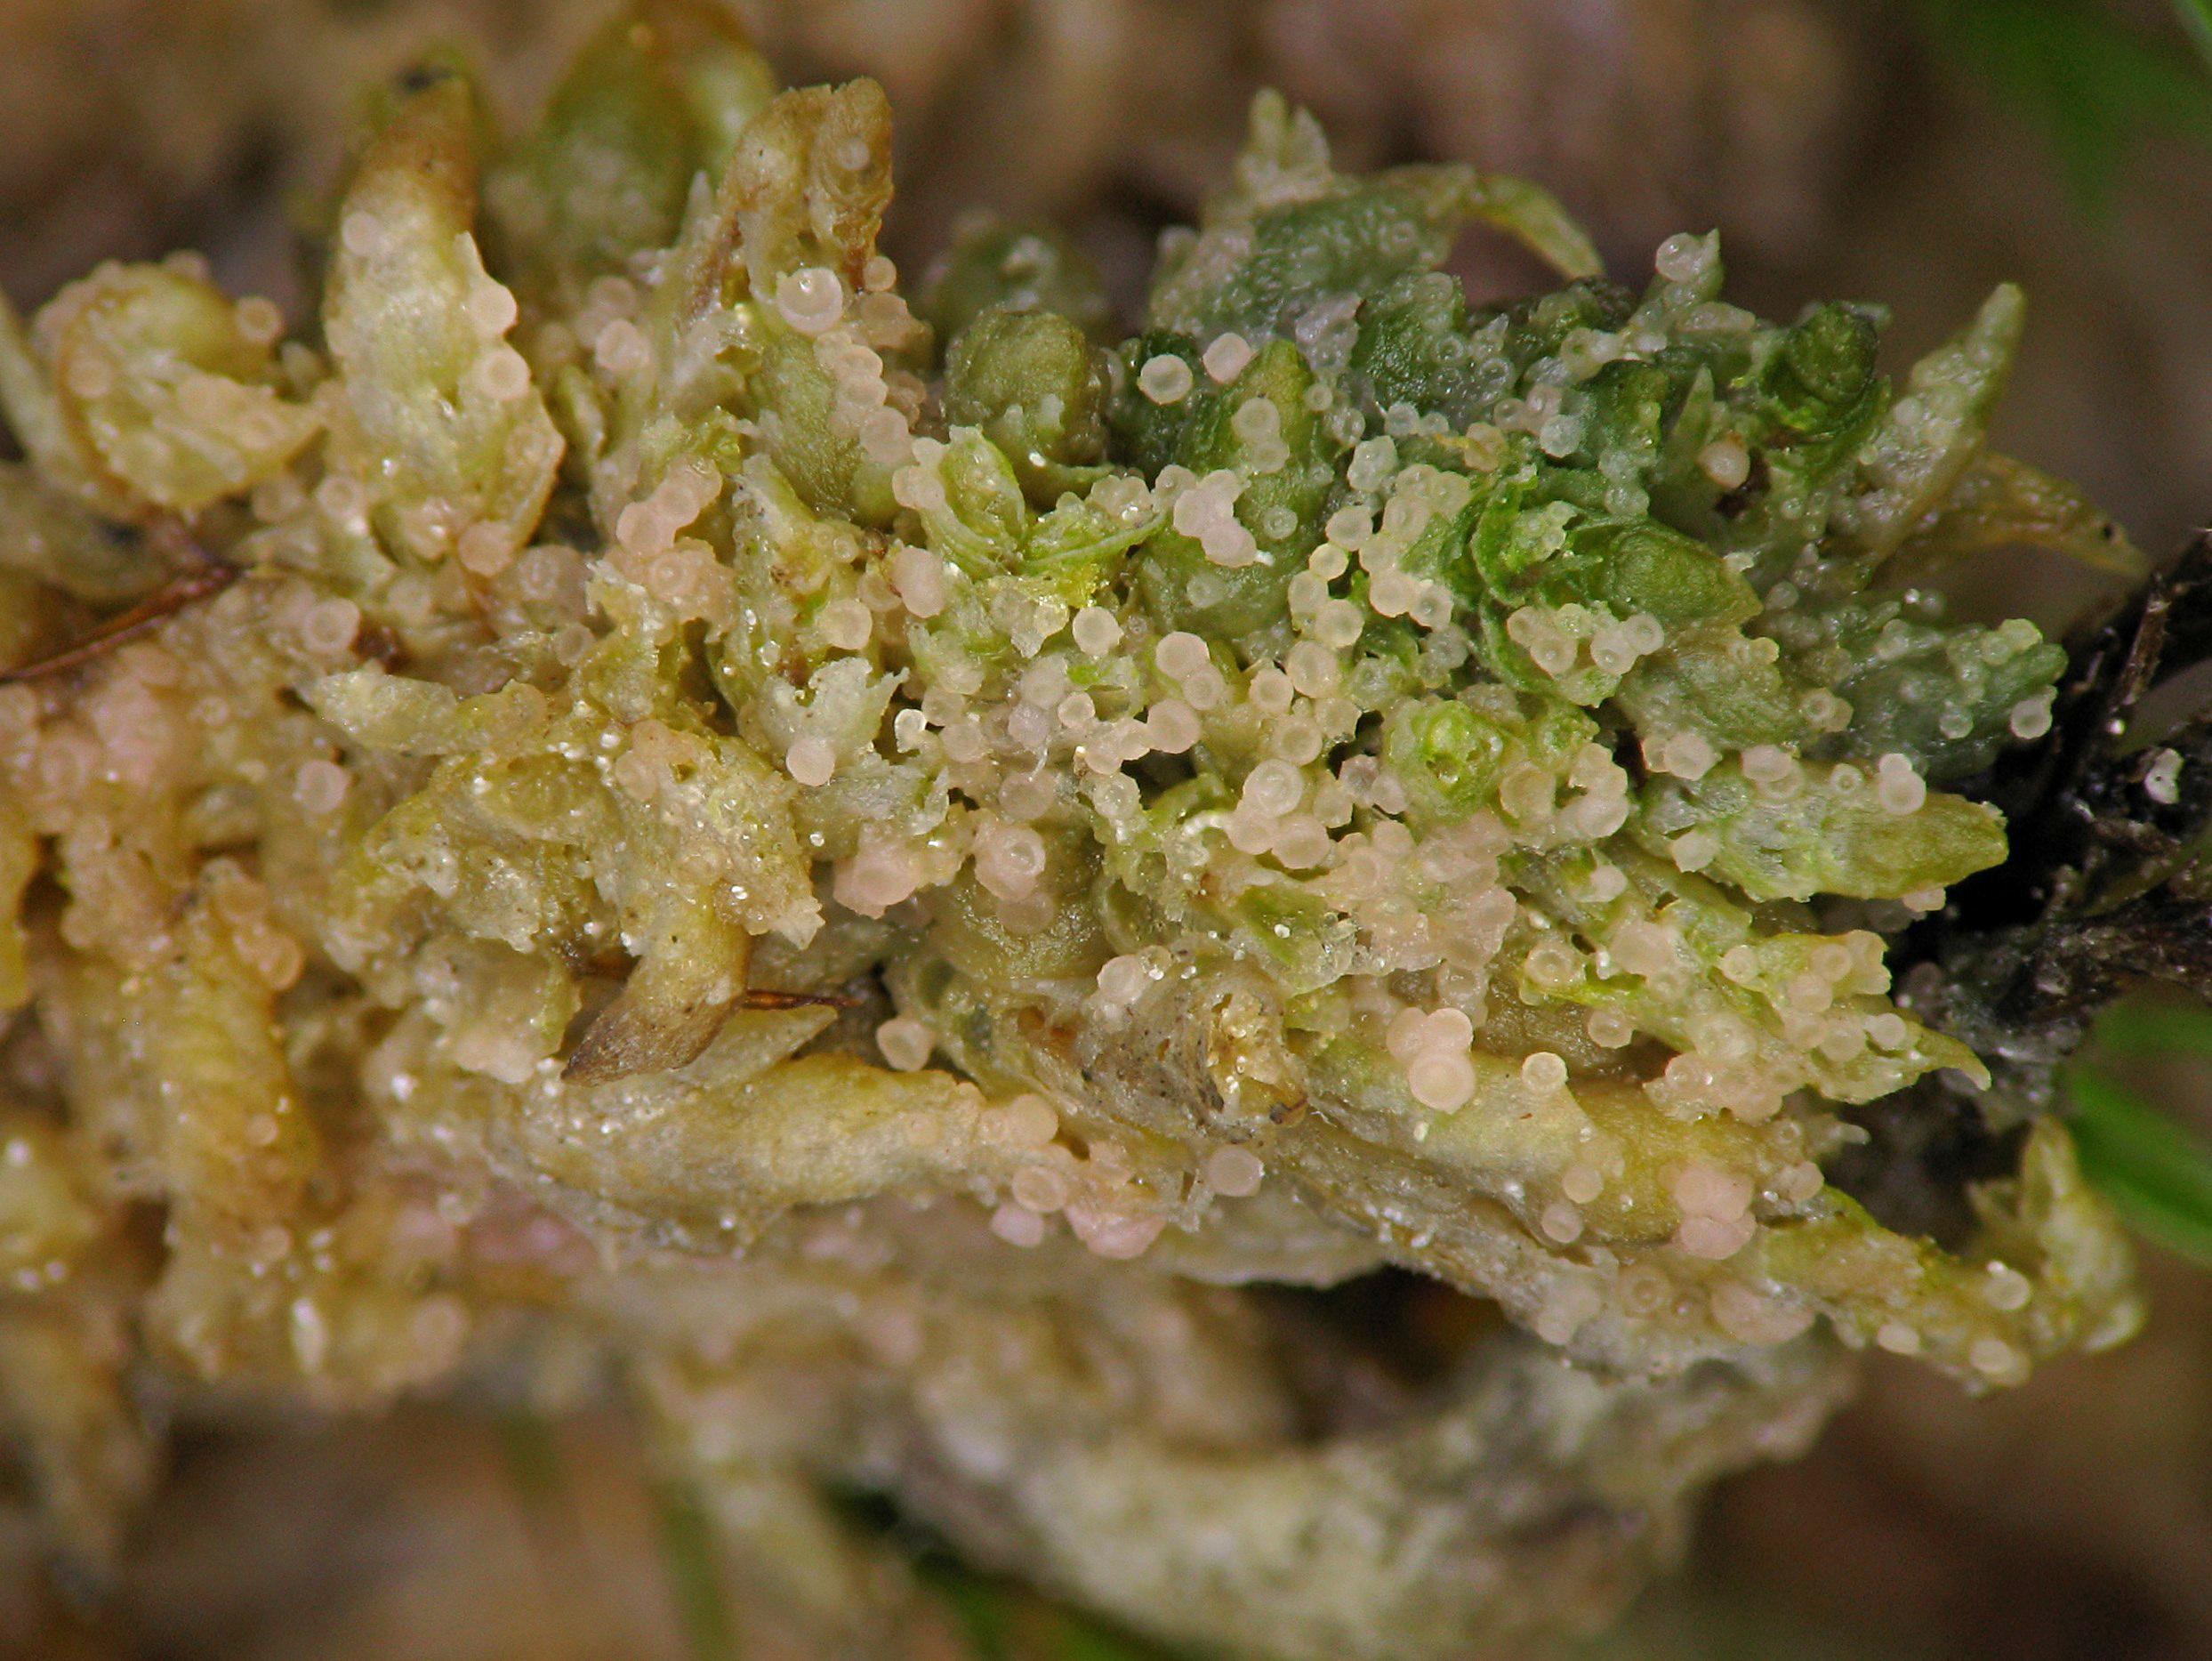 Image of absconditella lichen